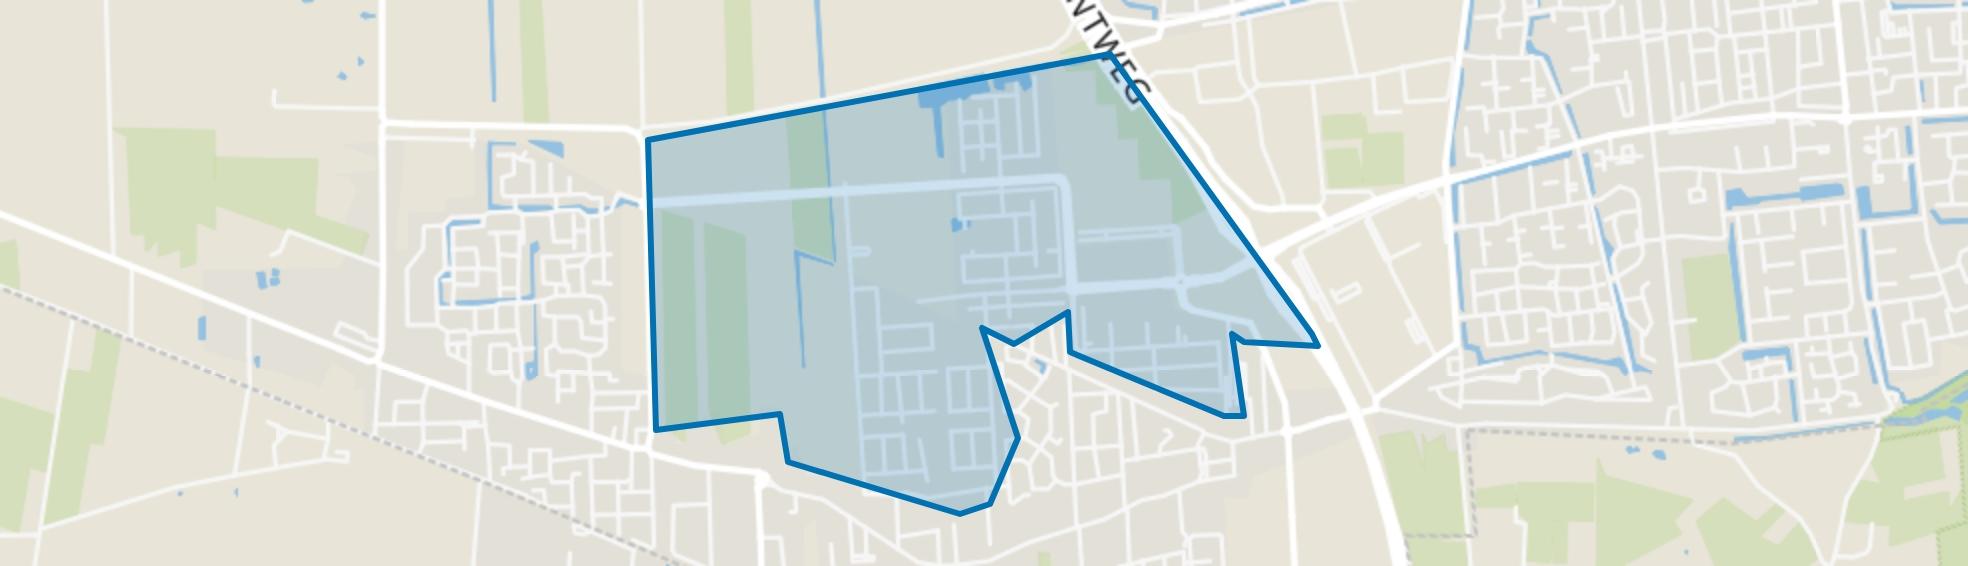 Landgoed Driessen, Waalwijk map